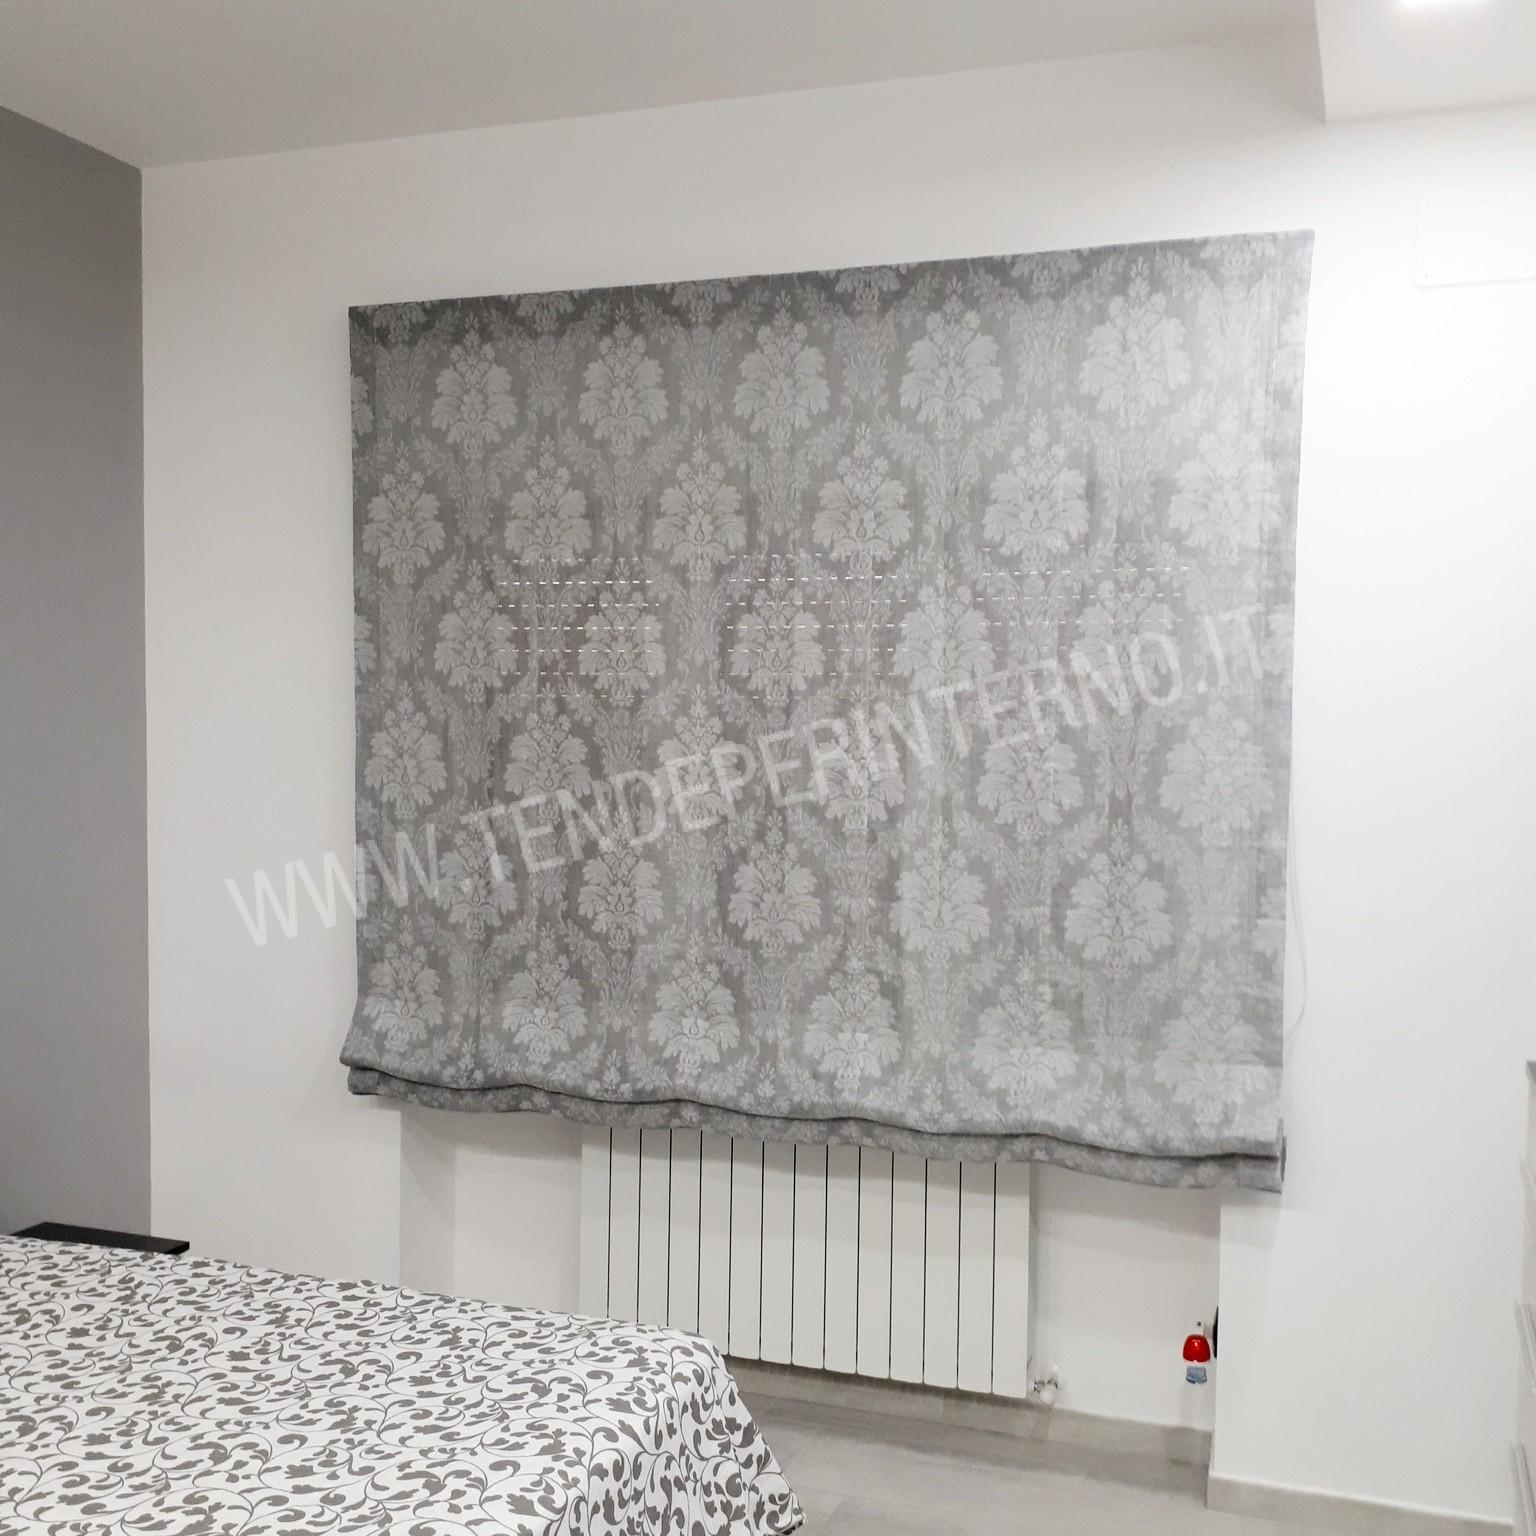 Blanc mariclo' tendina a pacchetto in lino serie turandot cm 45x160 h. Tenda A Pacchetto Roma Cod 0017 Tende Per Interno